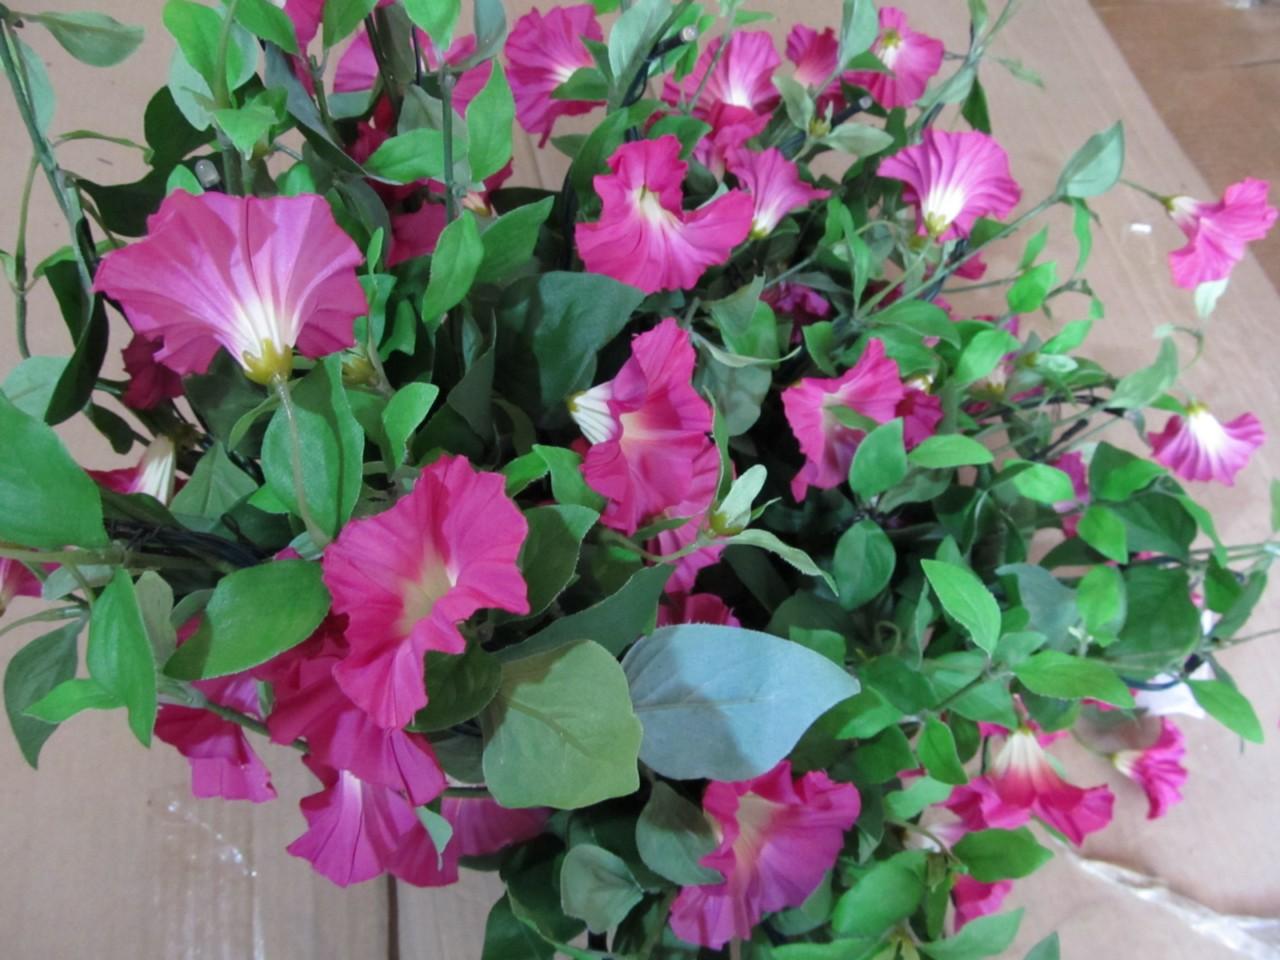 Hanging Flower Baskets With Lights : Bethlehem lights petunia hanging flower basket doesn t